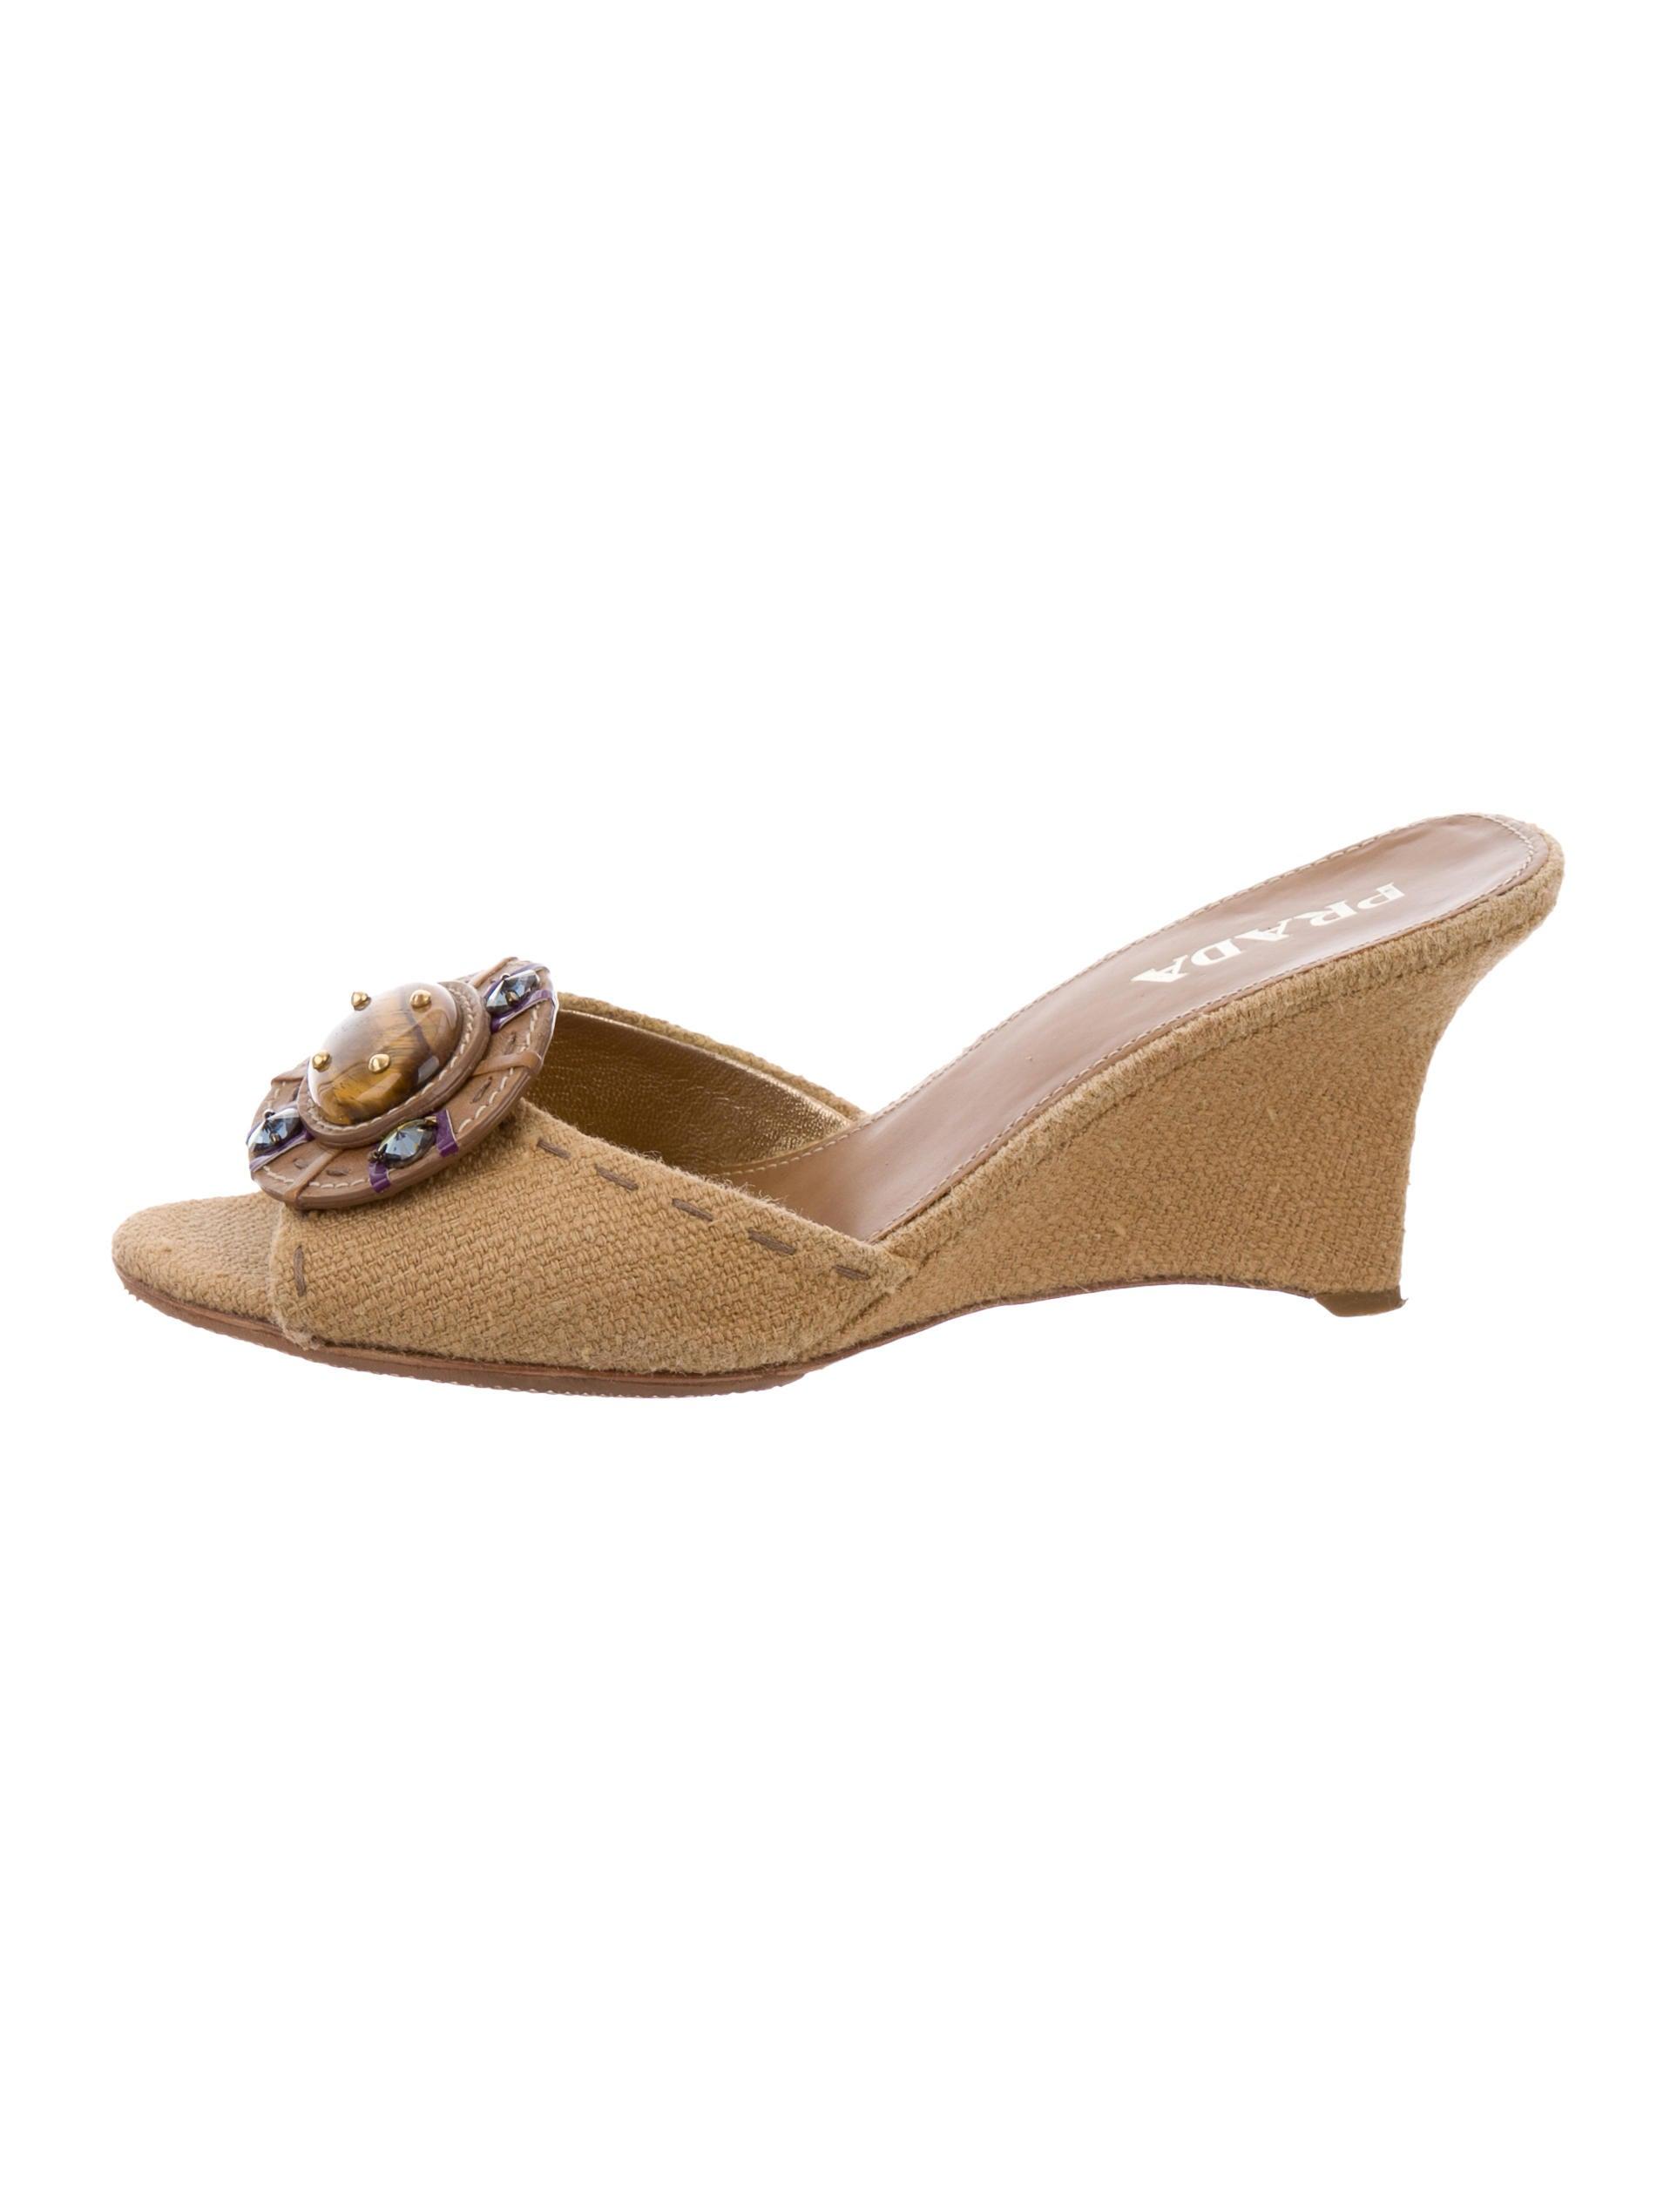 1534e1c642dc Prada Jewel-Embellished Slide Sandals - Shoes - PRA133219